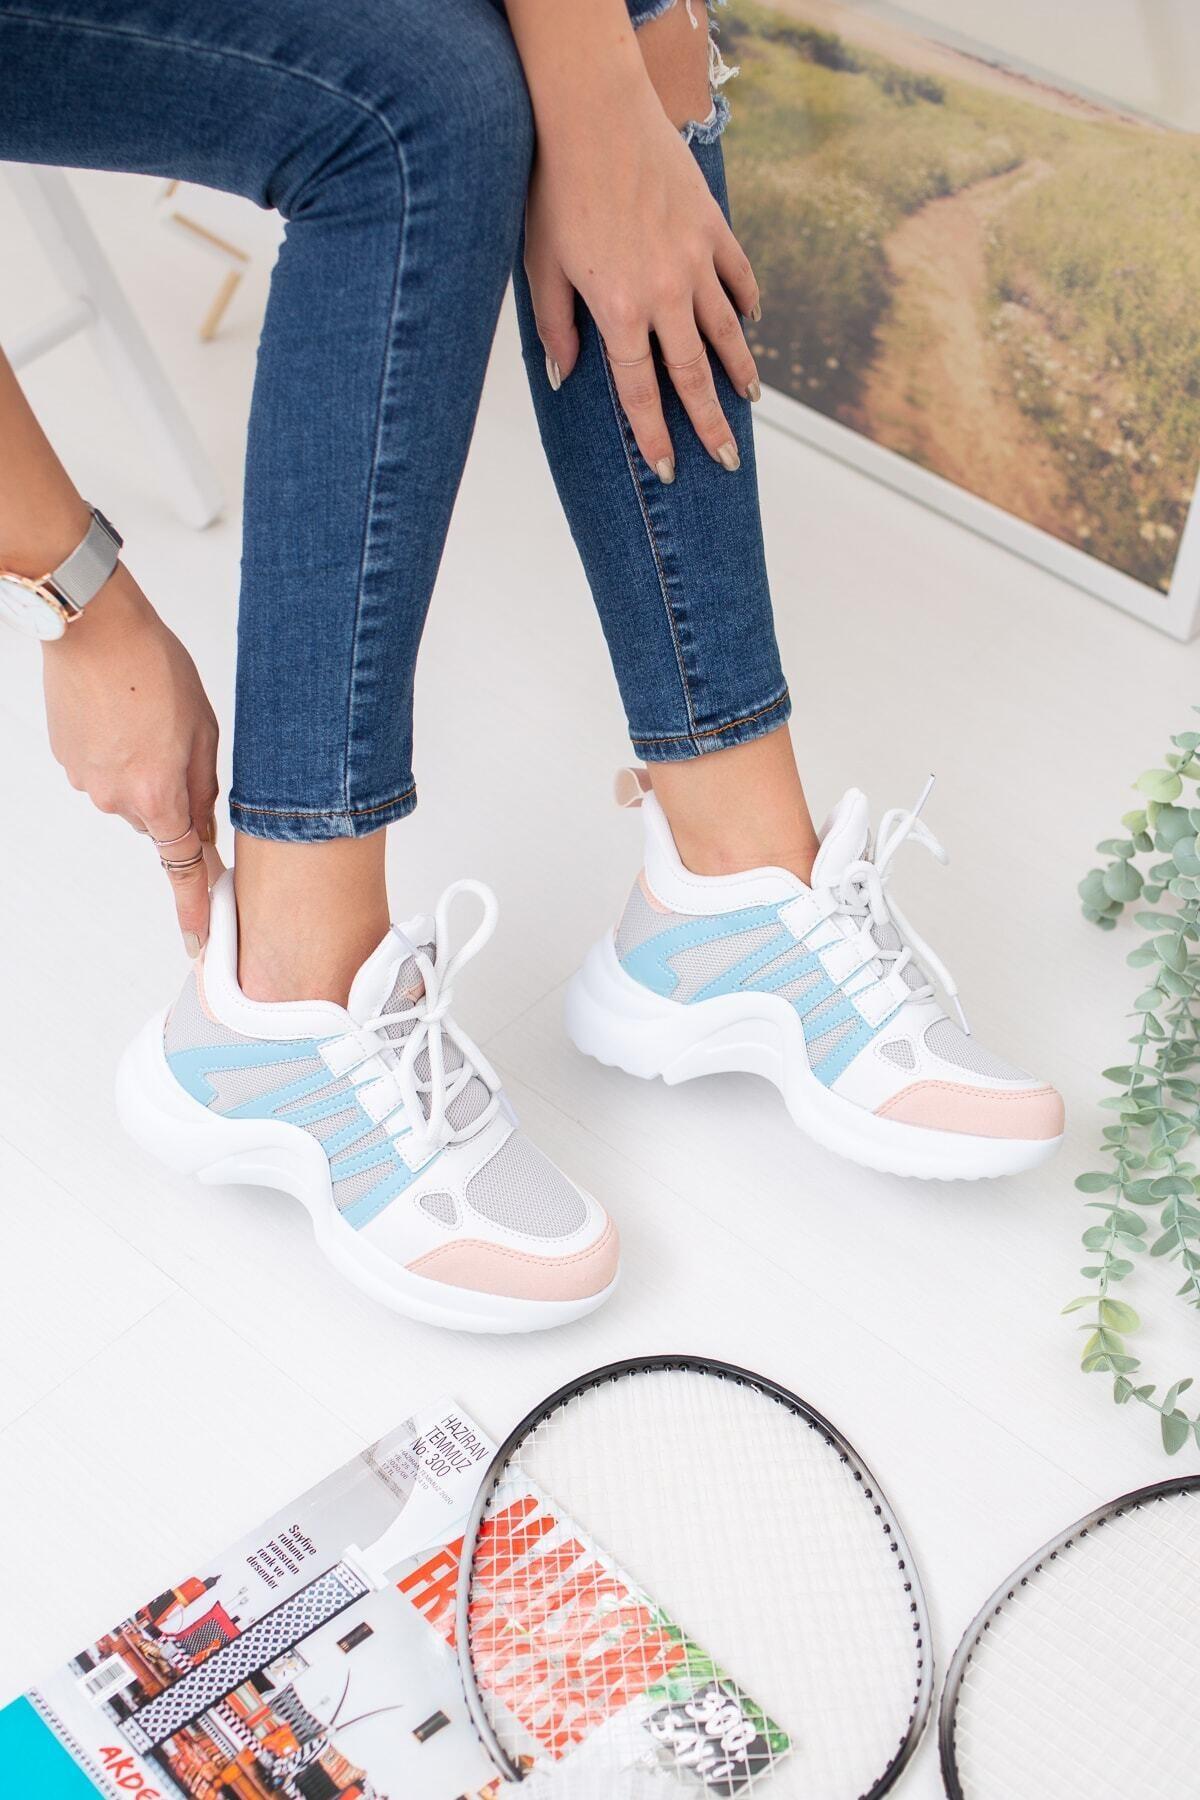 meyra'nın ayakkabıları Mavi Pembe Spor Ayakkabı 1